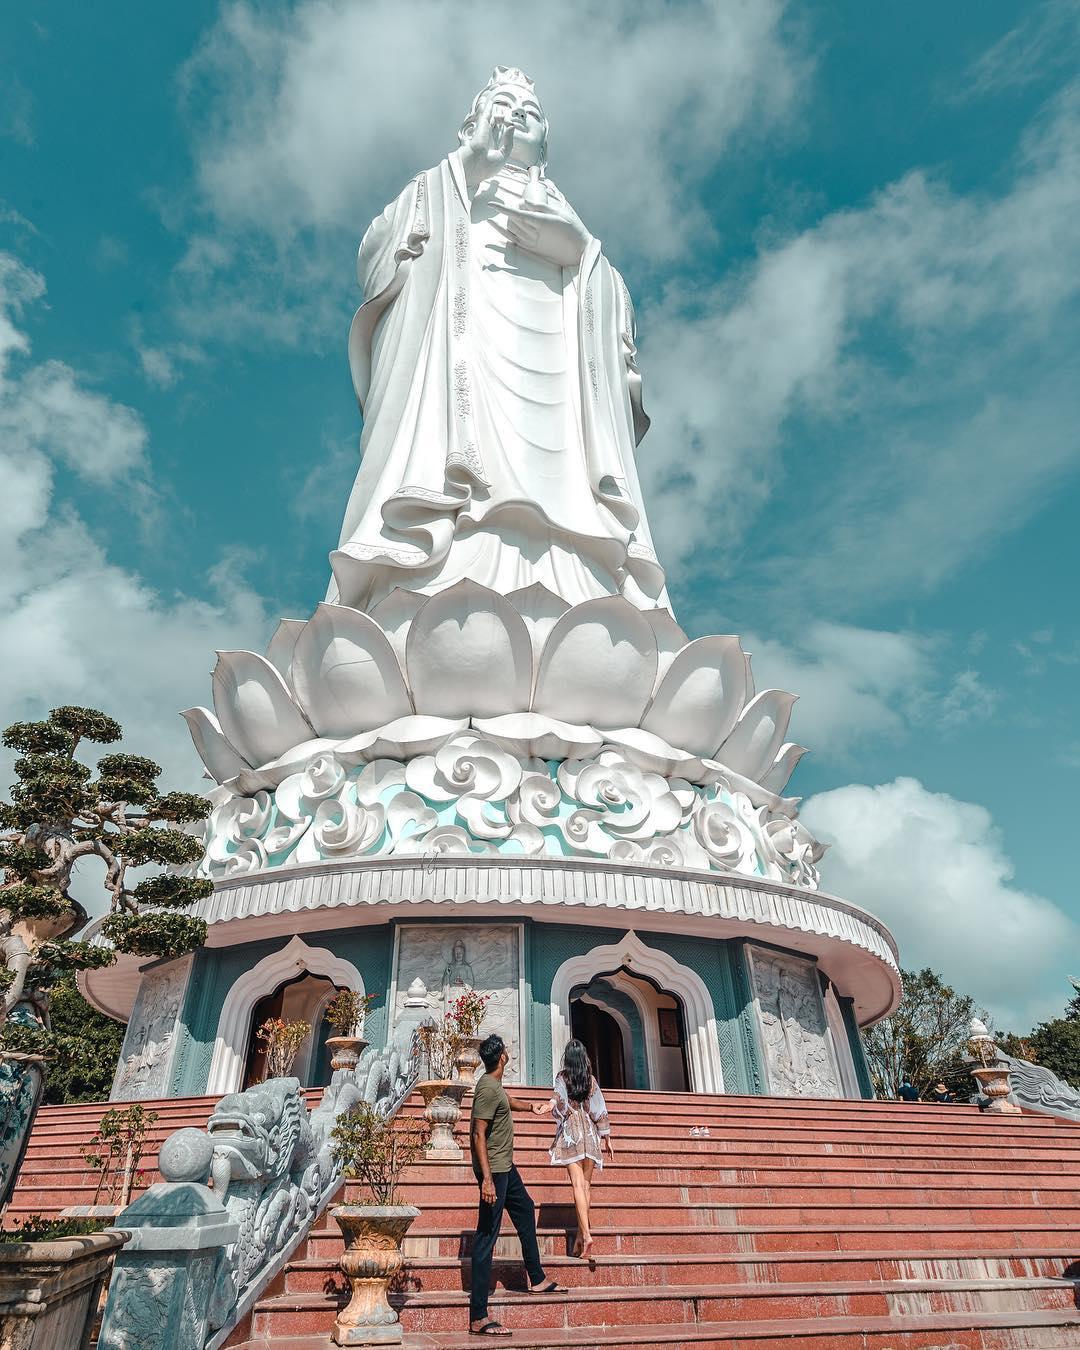 Cầu chúc năm mới tại chùa Linh Ứng. Hình: @todayweexplore